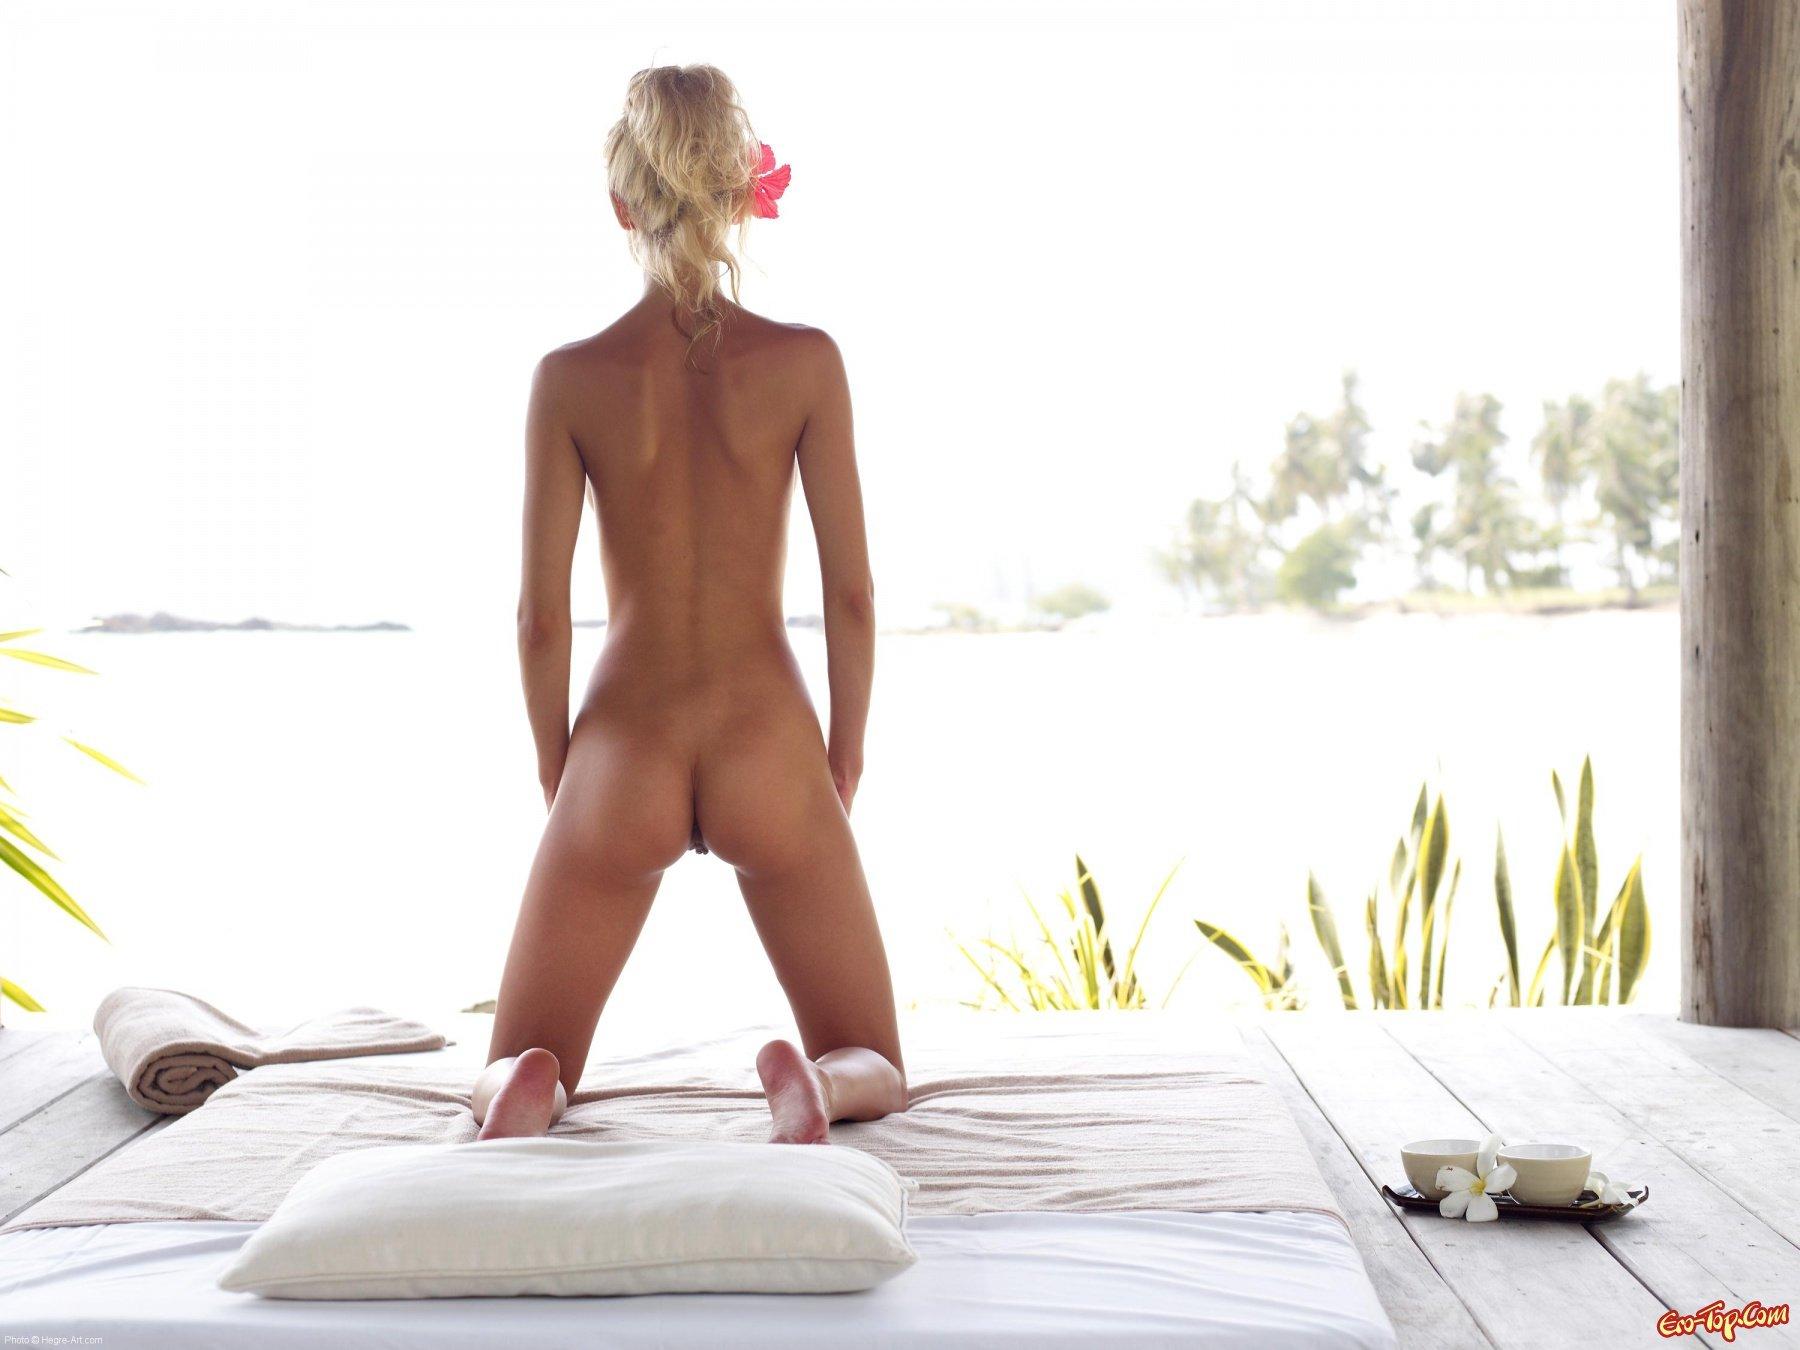 Anna S - загадочная и голая